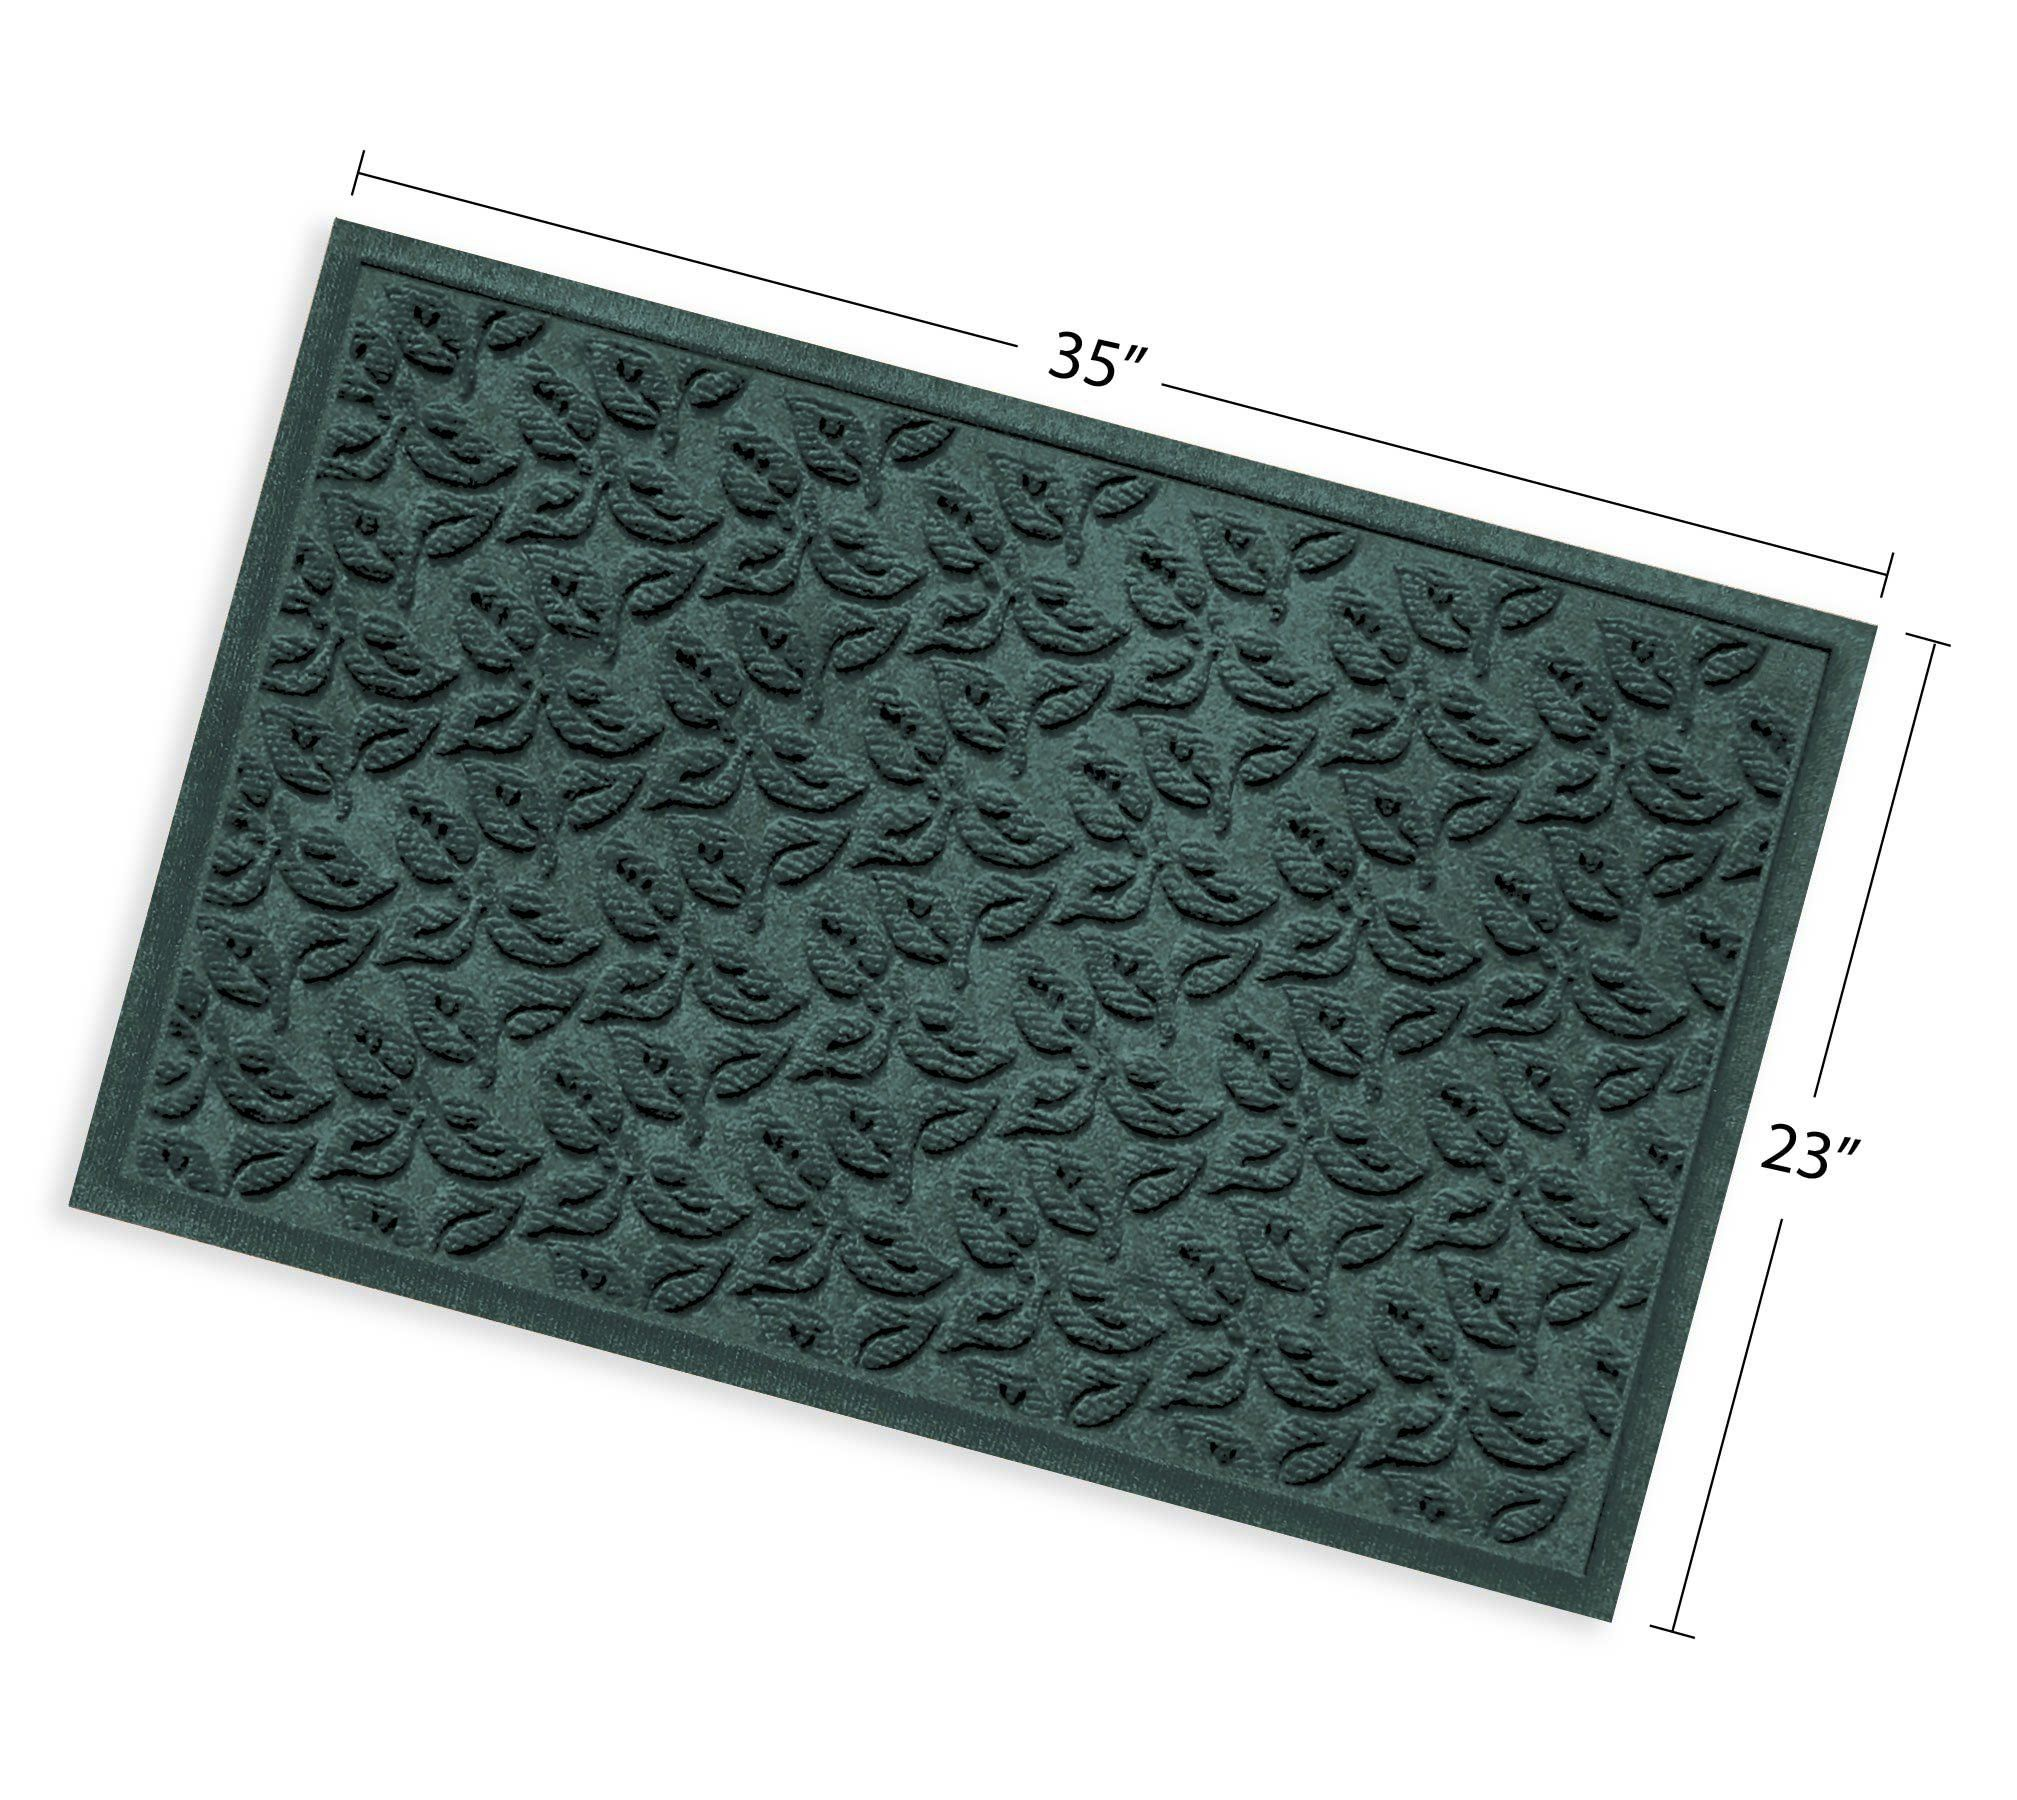 Bungalow Flooring Waterhog Doormat 2 X 3 Skid Resistant Easy To Clean Catches Water And Debris Dogwood Leaf Collect Bungalow Flooring Outdoor Door Mat Door Mat